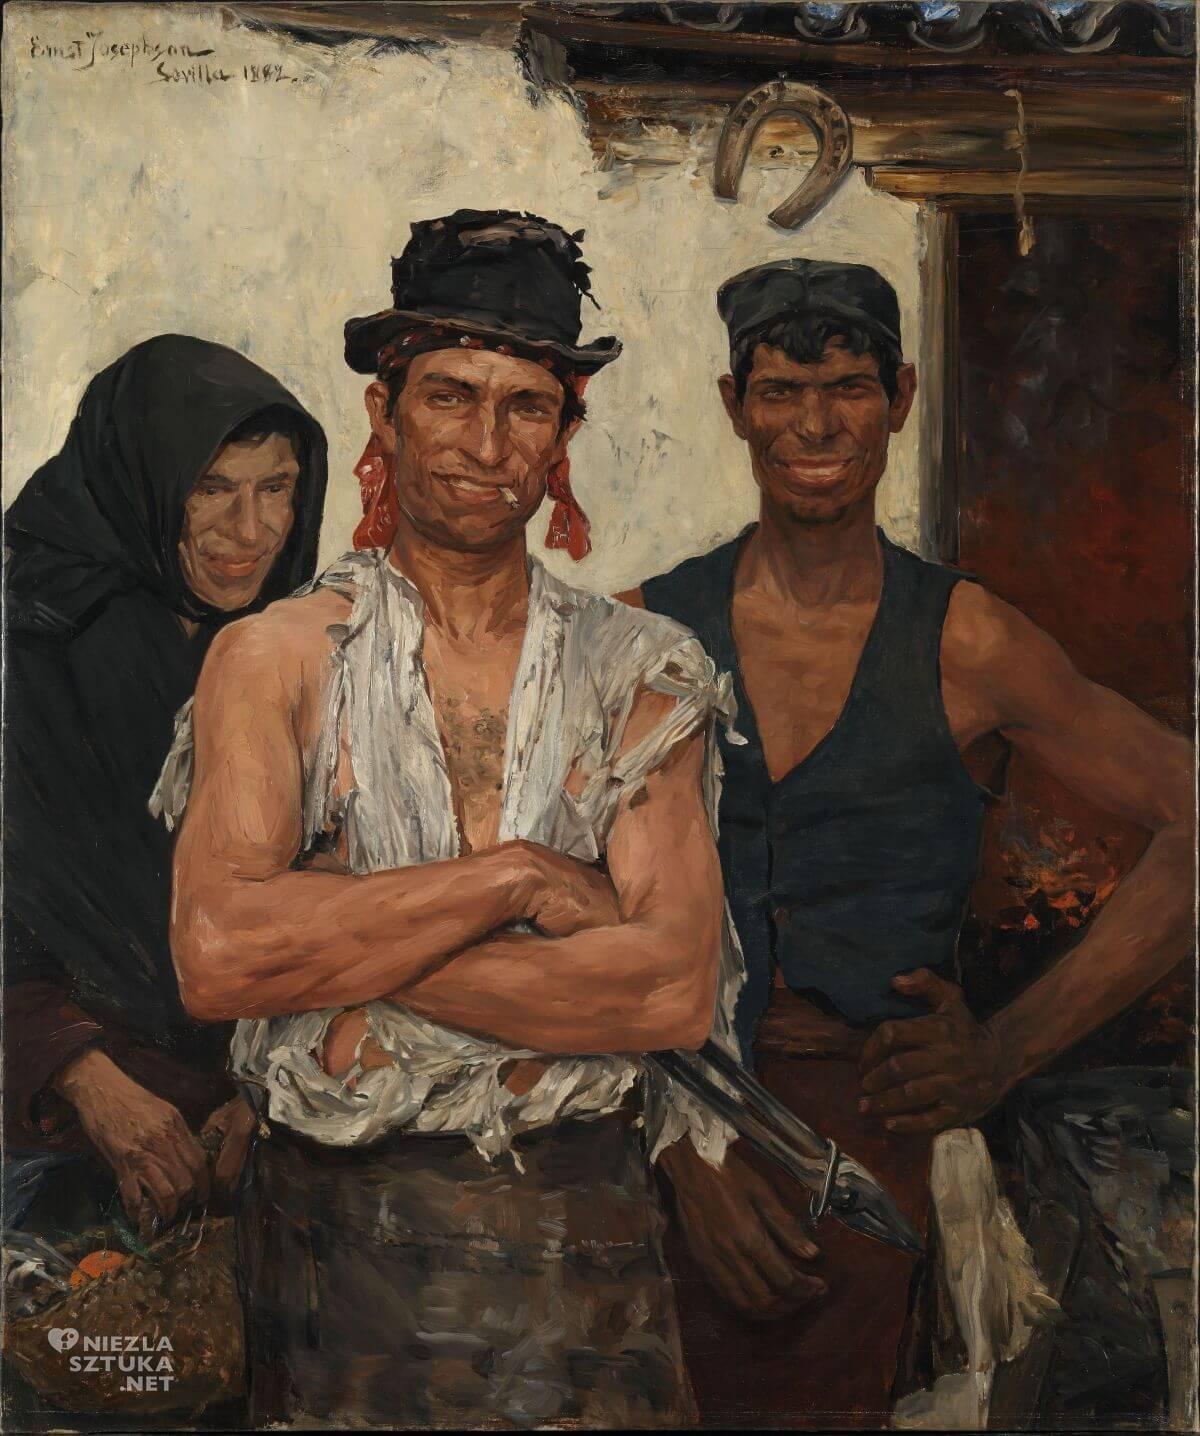 Ernst Josephson, Hiszpańscy kowale, sztuka skandynawska, Niezła sztuka